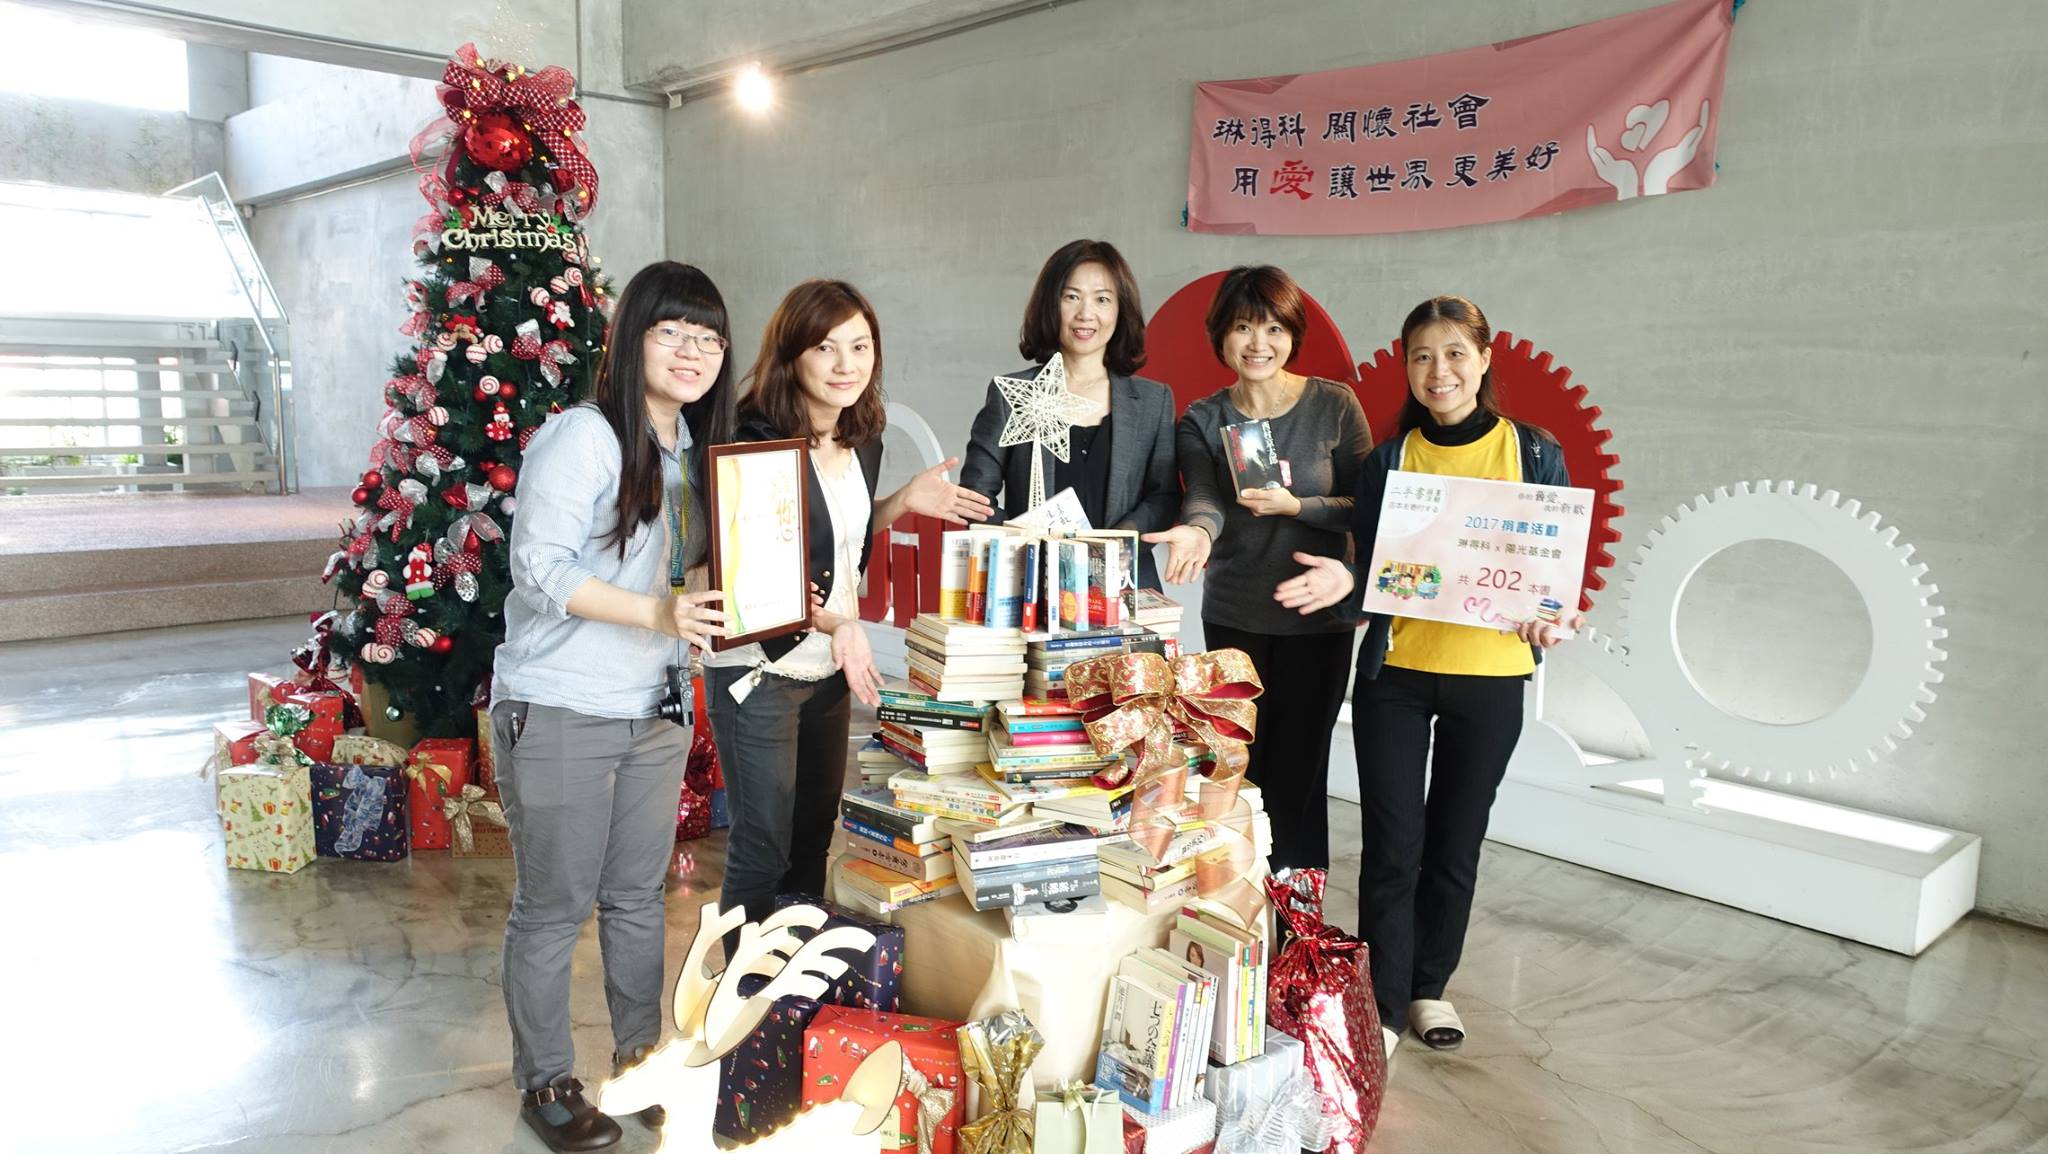 與陽光基金會合作「你的舊愛 我的新歡」捐贈二手書活動